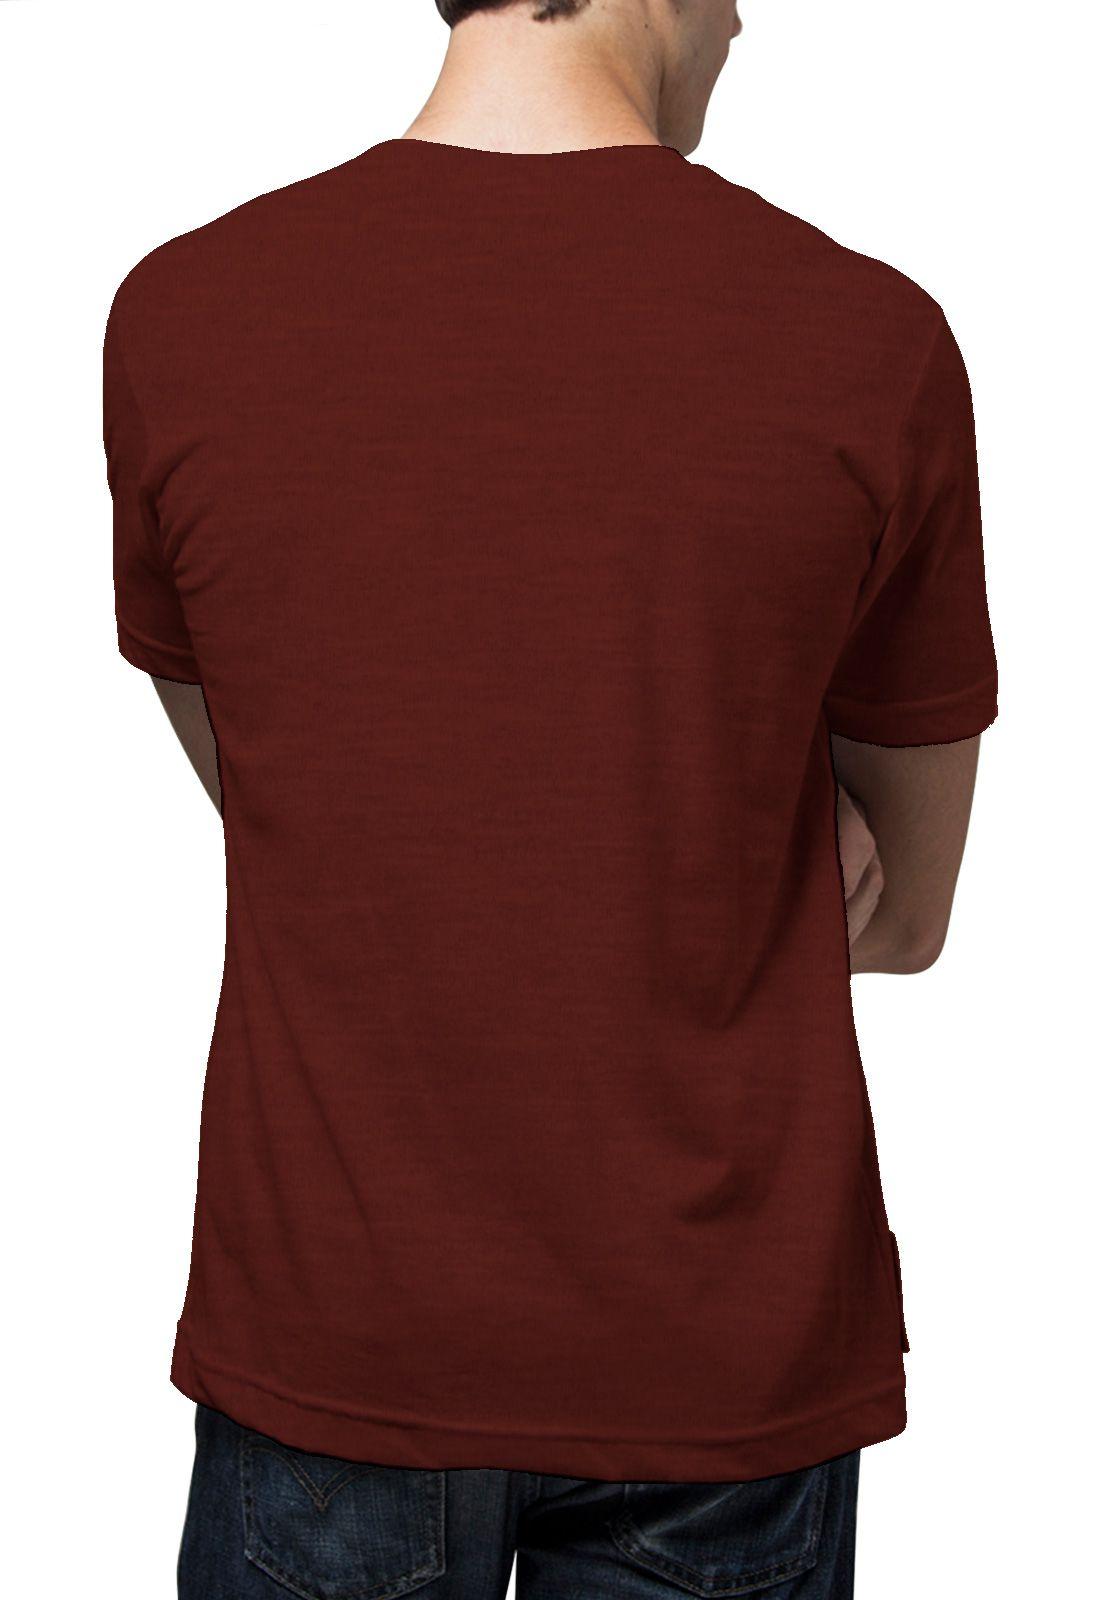 Camiseta Amazônia Caveira - Mescla Vinho